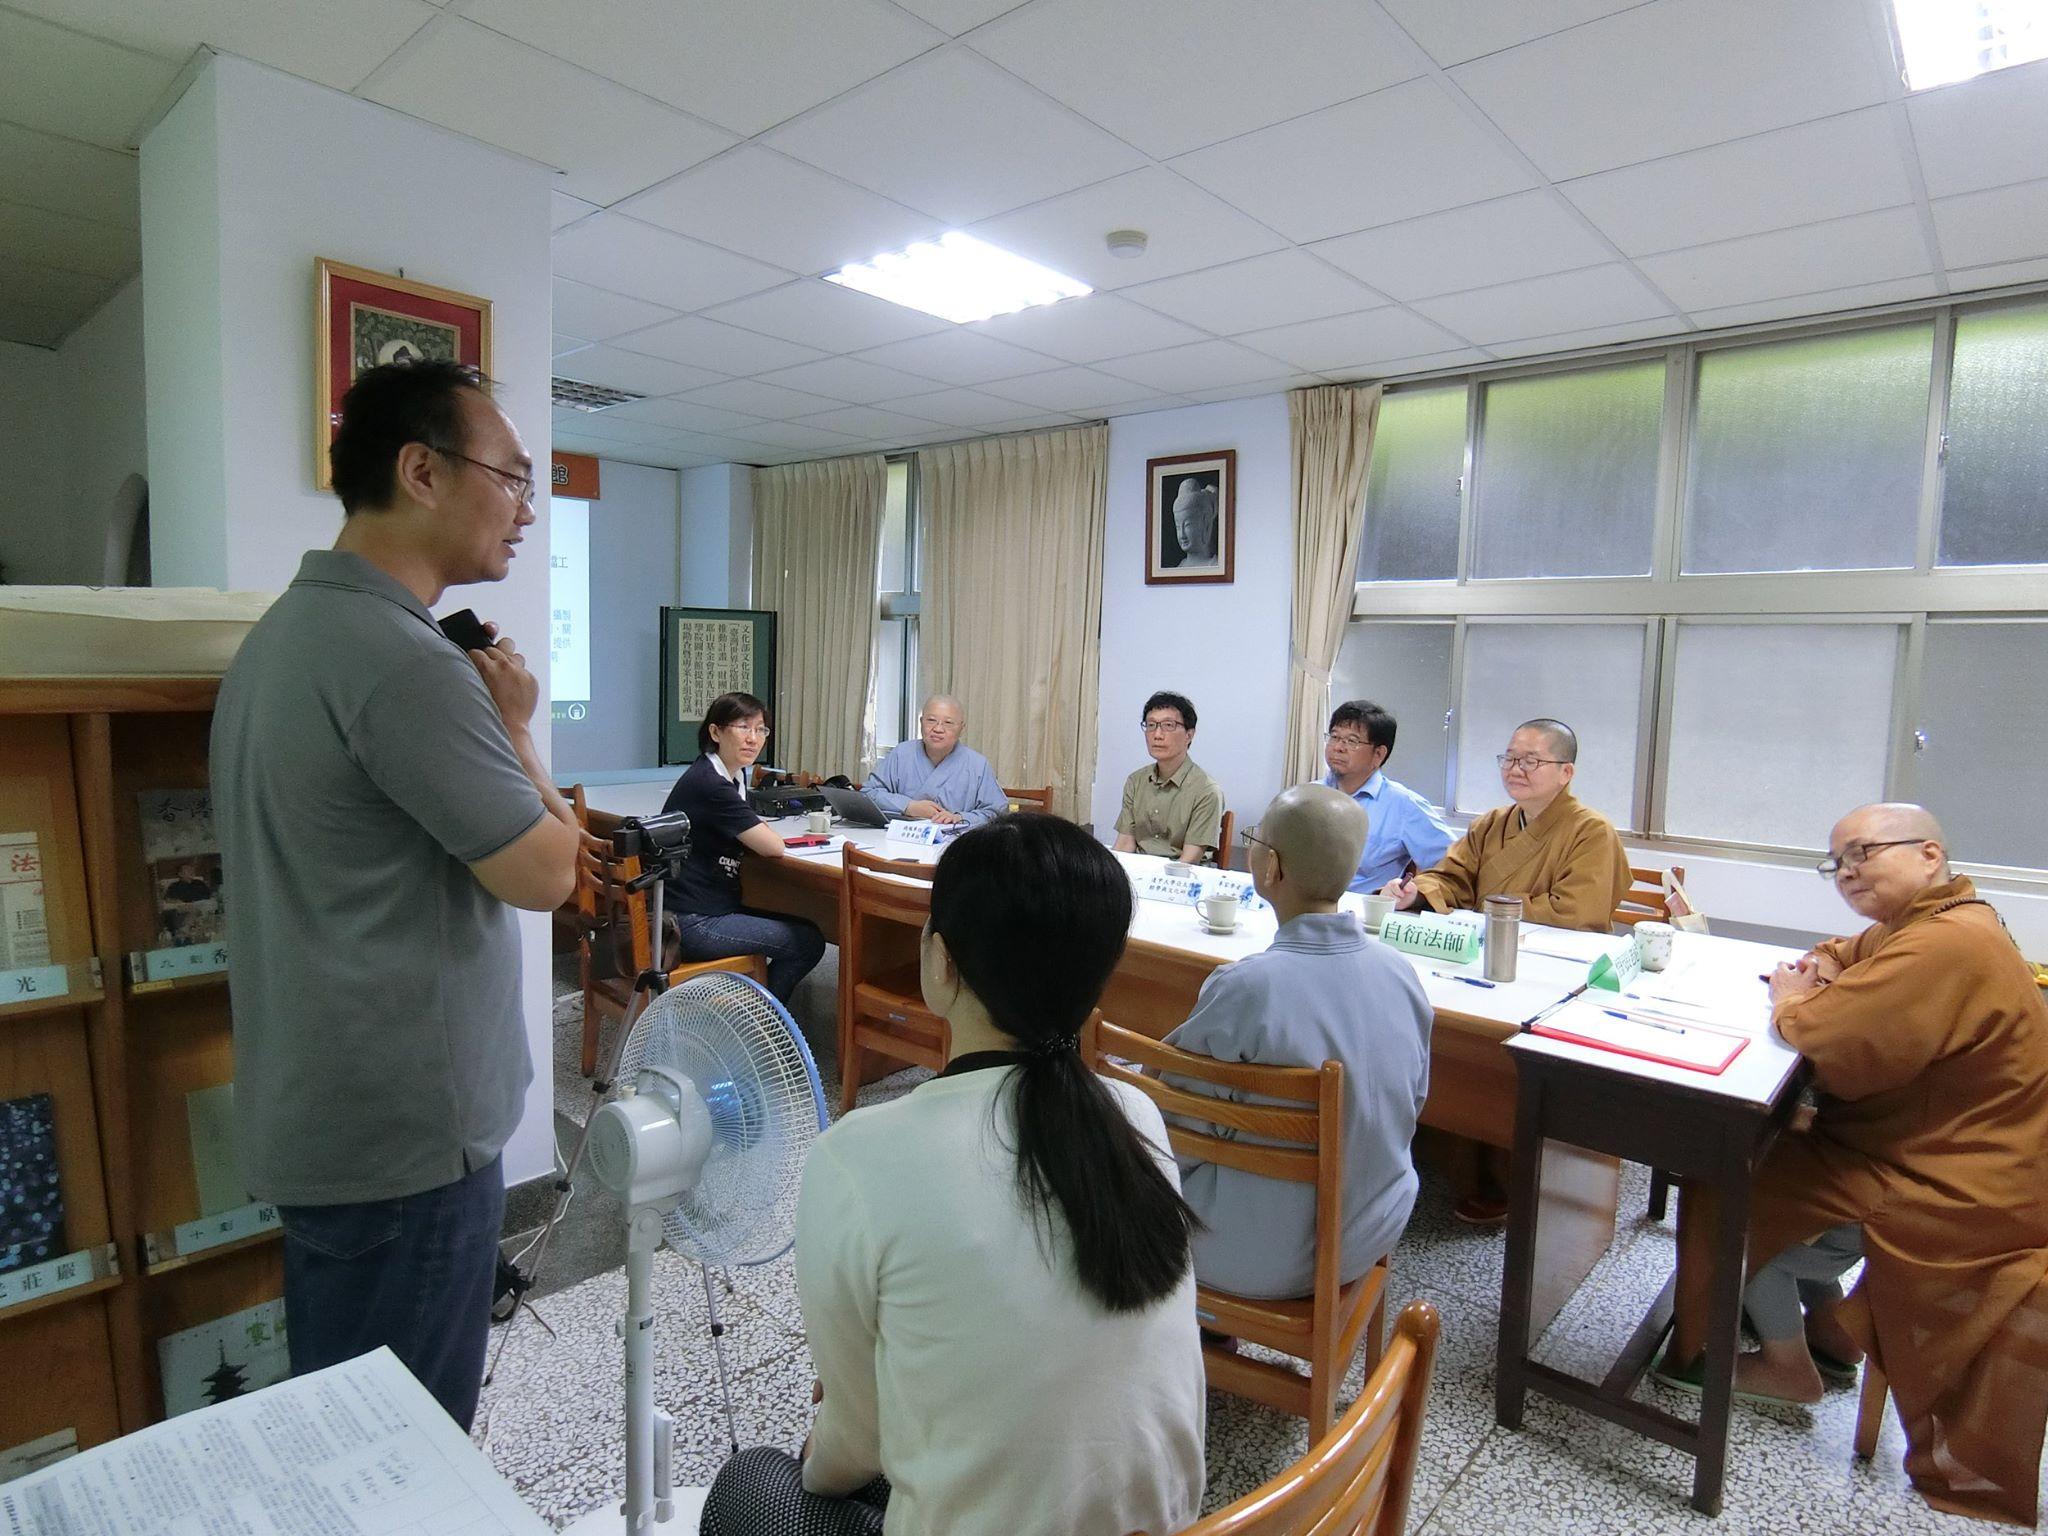 臺灣世界記憶國家名錄現勘專案小組會議_於香光尼眾佛學院圖書館。